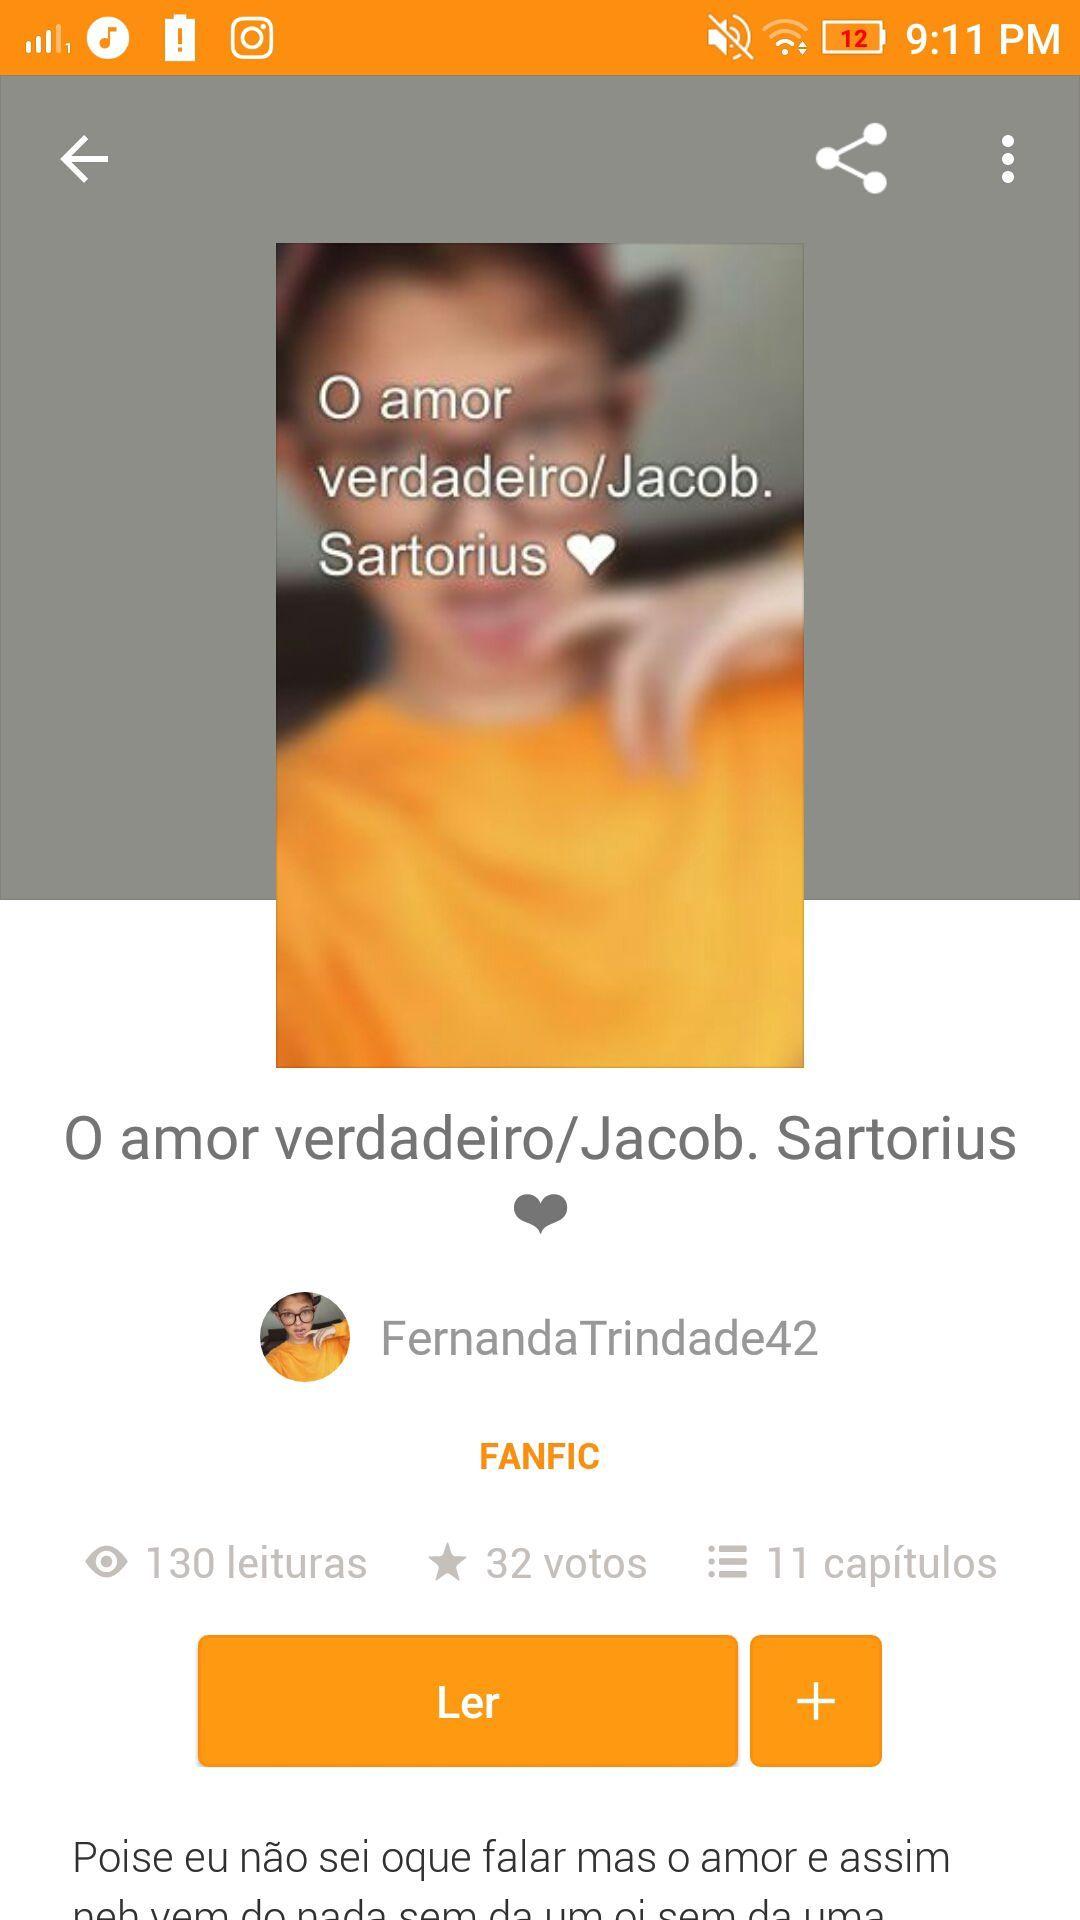 O Amor Verdadeiro/Jacob Sartorius ❤FernandaTrindade42